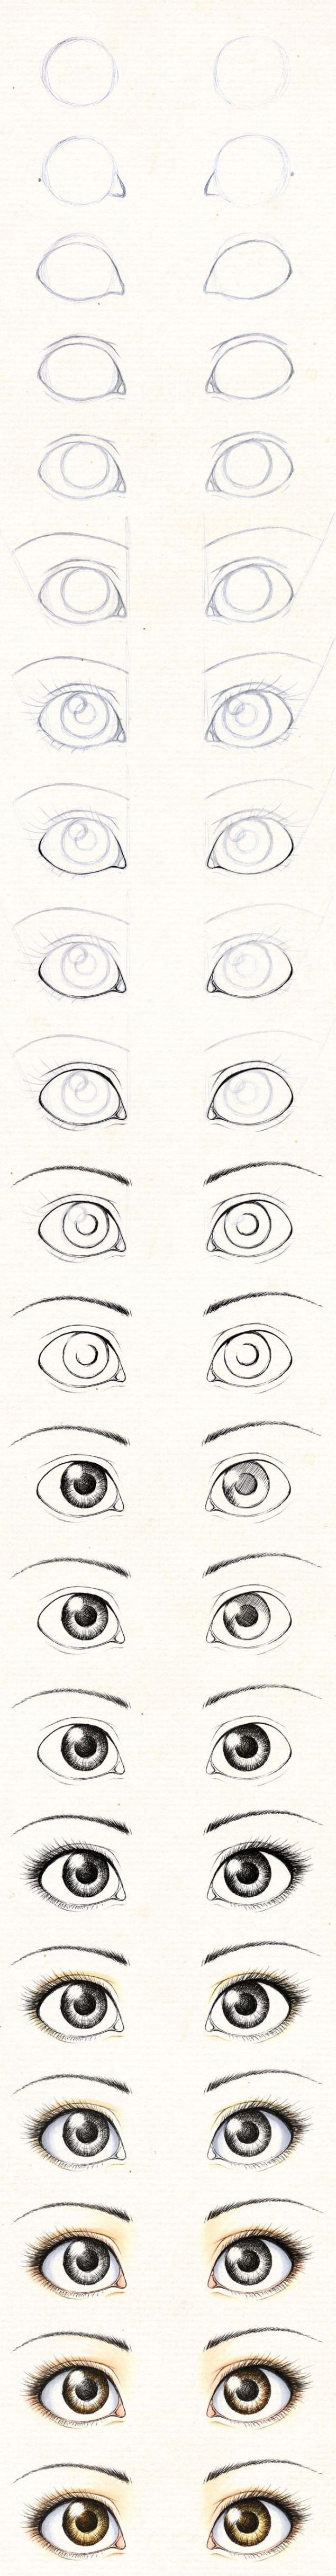 Gua para aprender a dibujar los ojos de las mu±ecas